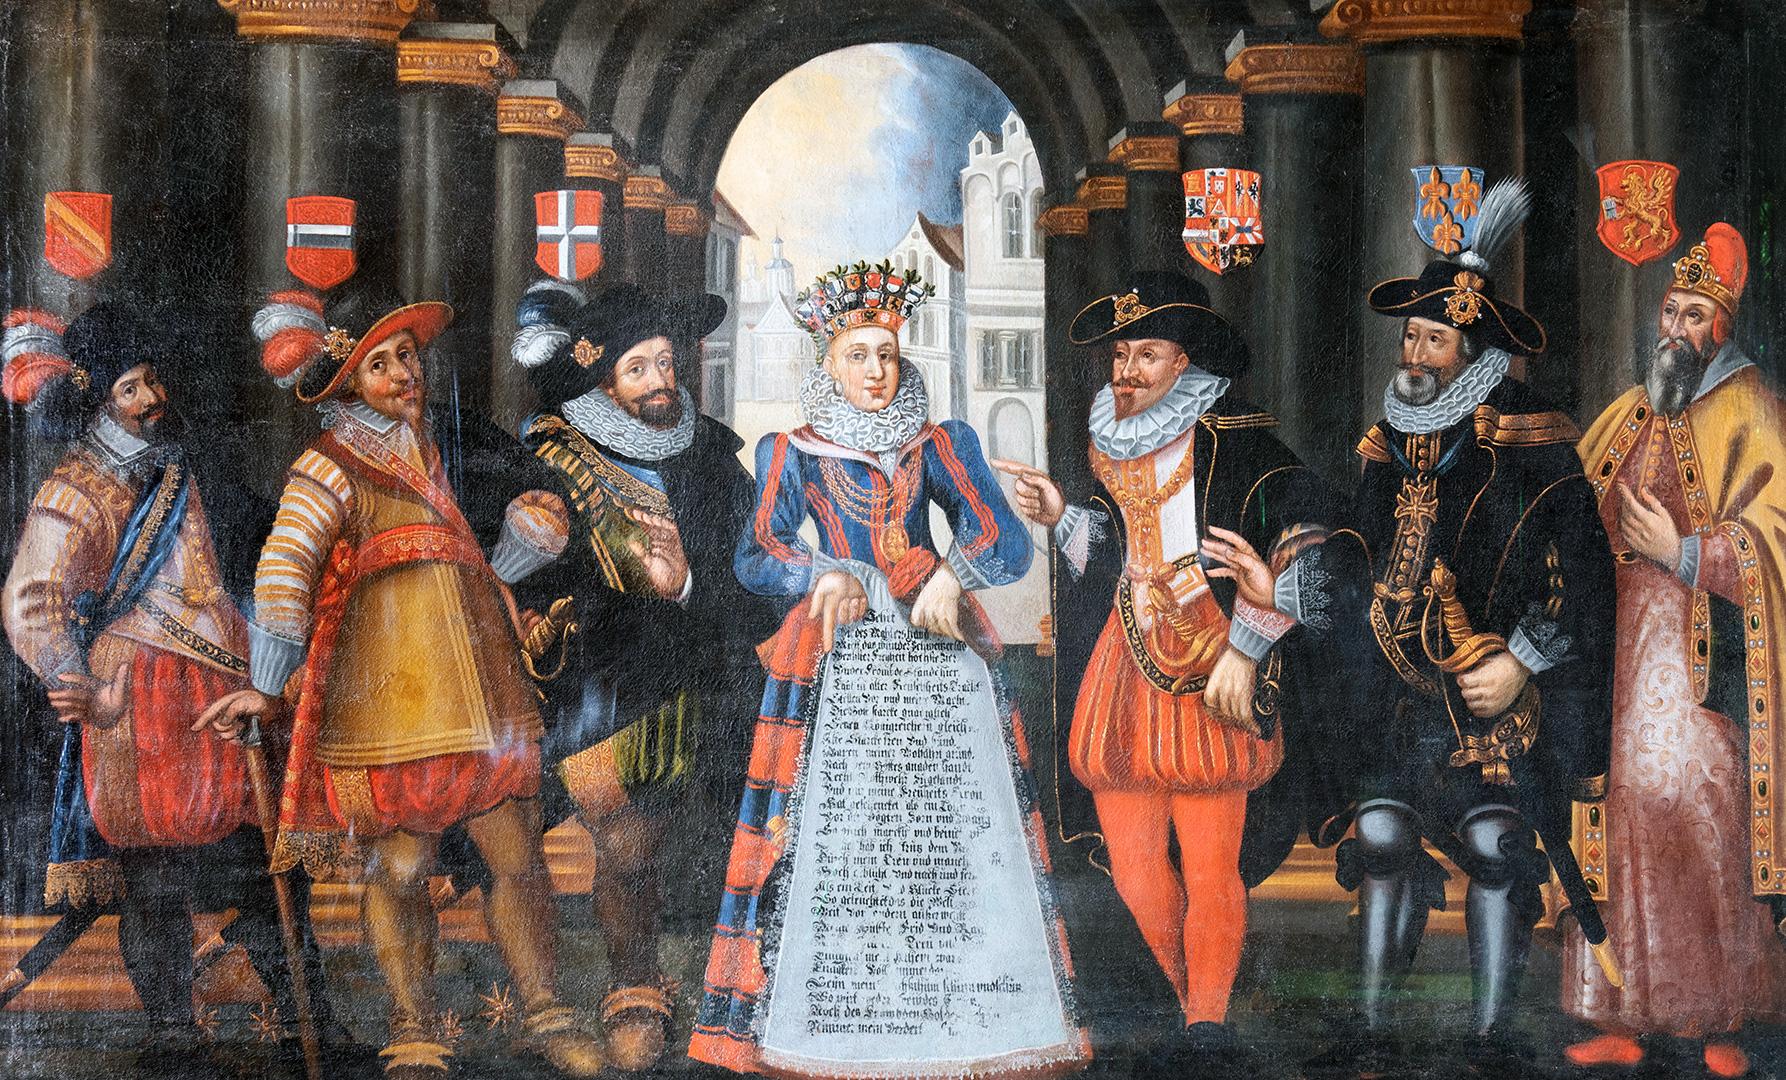 Helvetia und Europa. Zum ersten Mal wird die künftige Landespatronin 1612 personifiziert. Der Maler ist nicht bekannt.